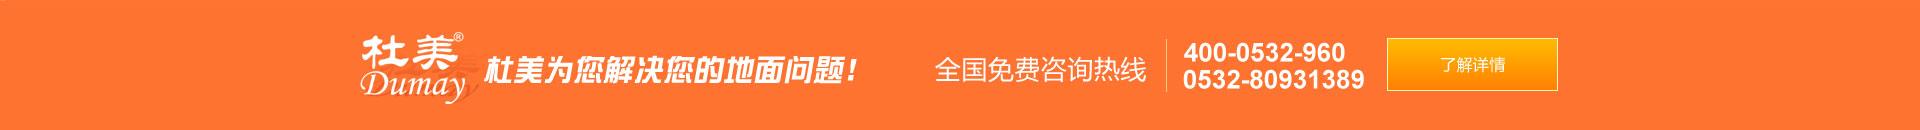 shou页_guang告4_1920_130